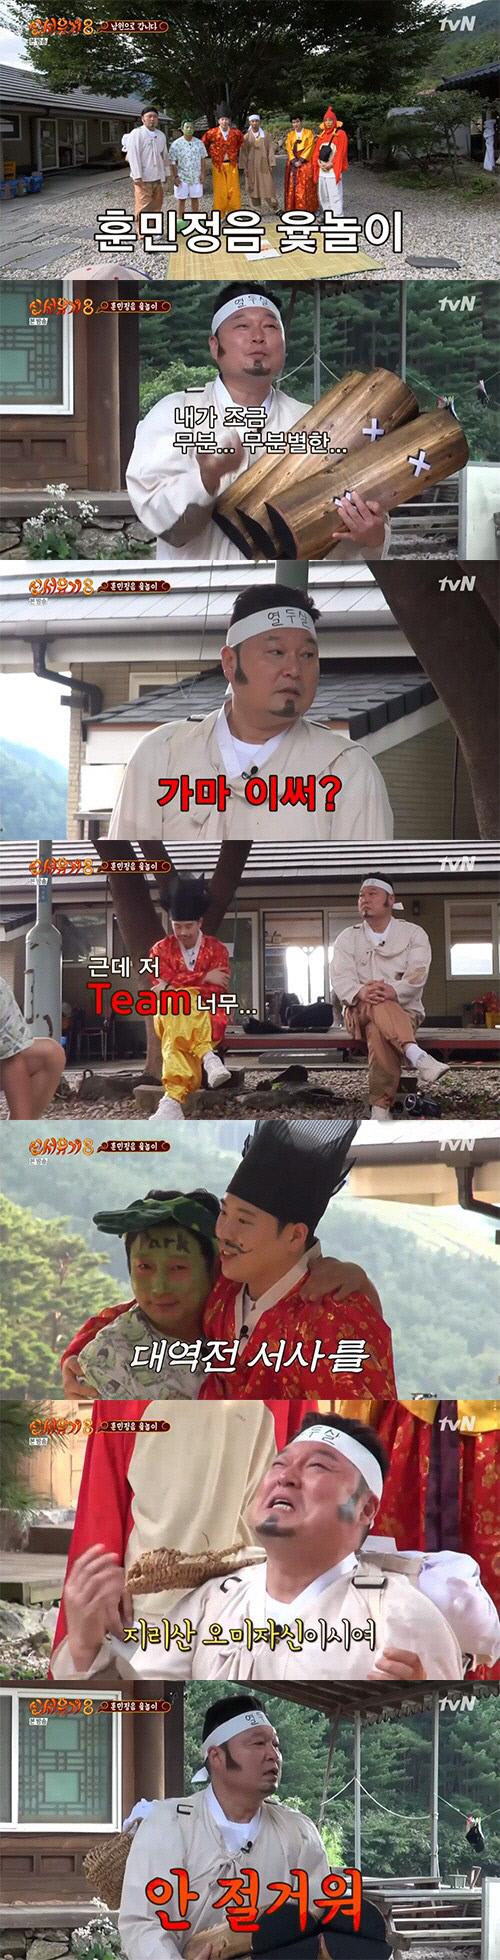 tvN '신서유기8-옛날 옛적에' 방송 캡처